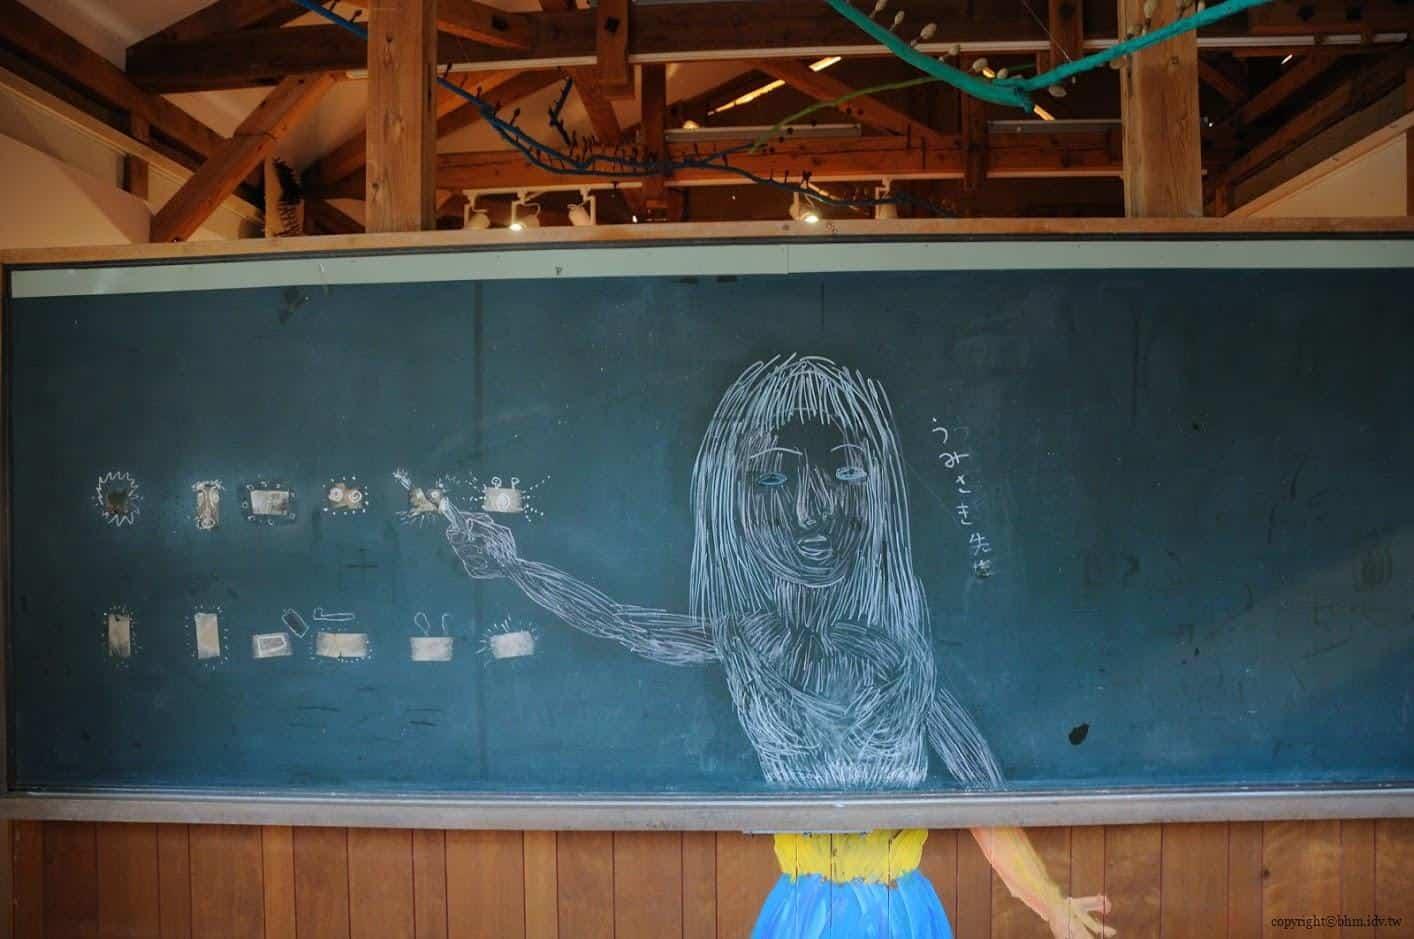 田島征三,繪本和樹木果實美術館,以「學校不是空的喔!」為主題 繪本和樹木果實美術館 繪本和樹木果實美術館 hachi seizo tashima museum of picture book art 07